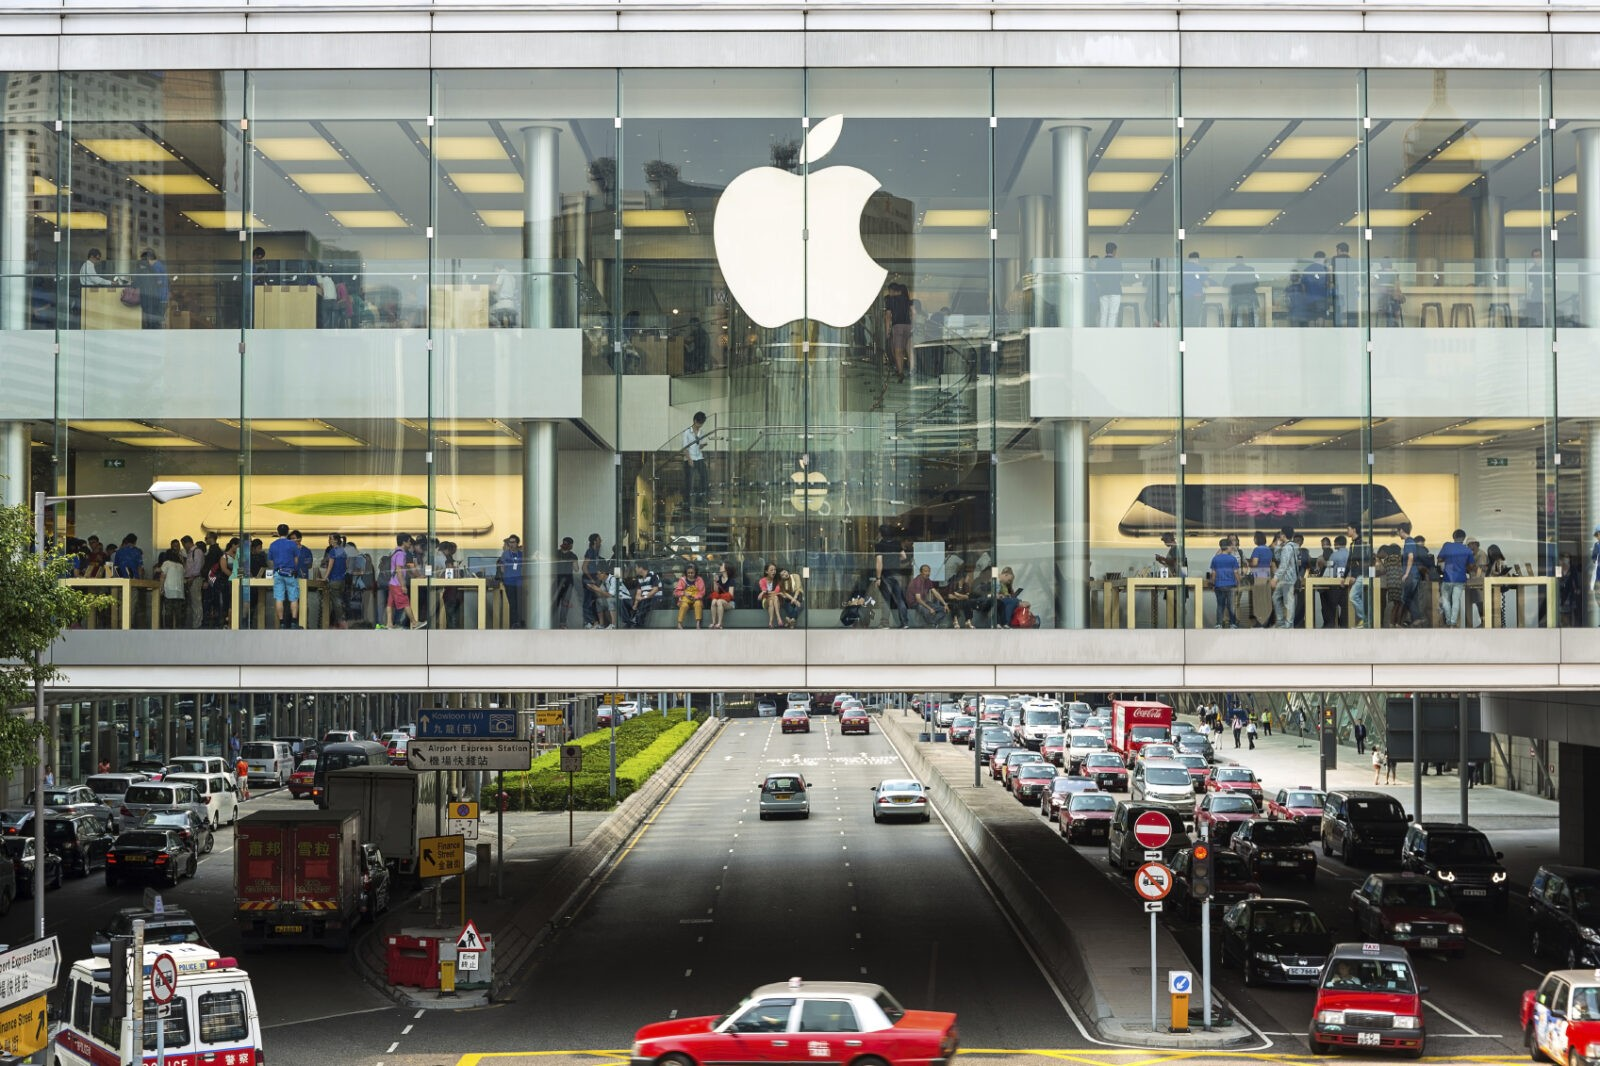 Apple Store IFC Mall Hong Kong